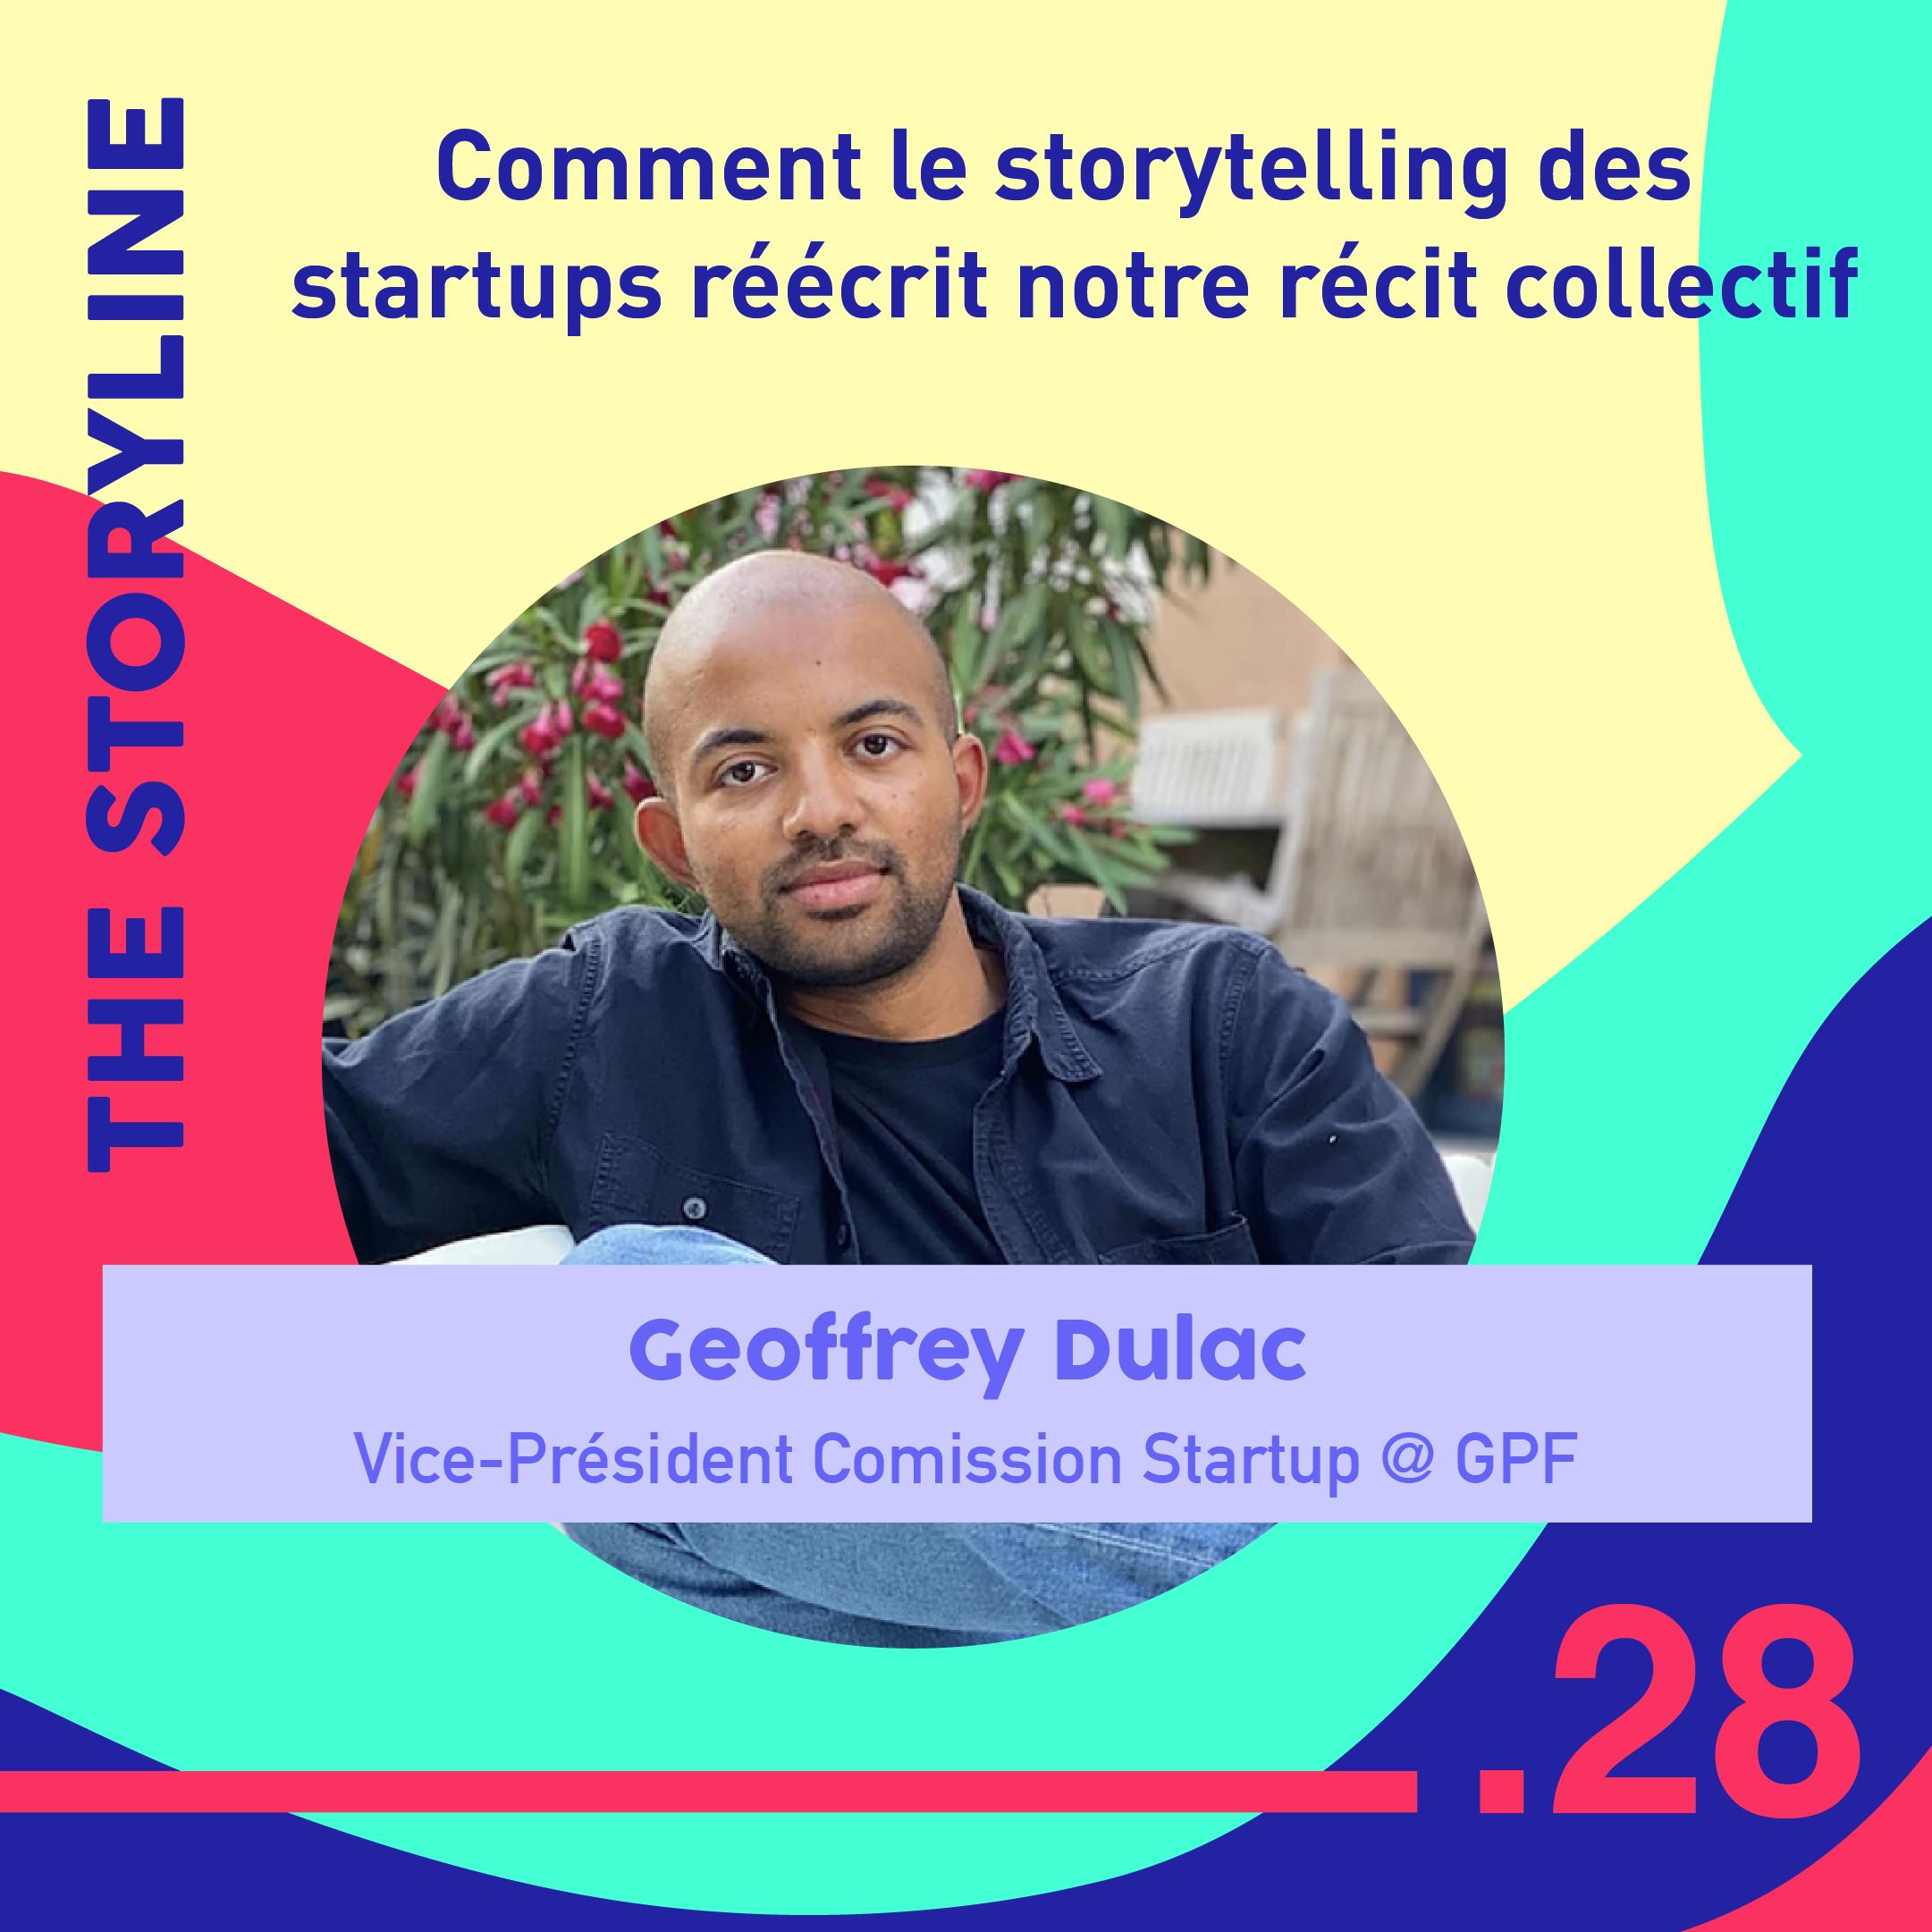 #28 - Comment le storytelling des startups réécrit notre récit collectif